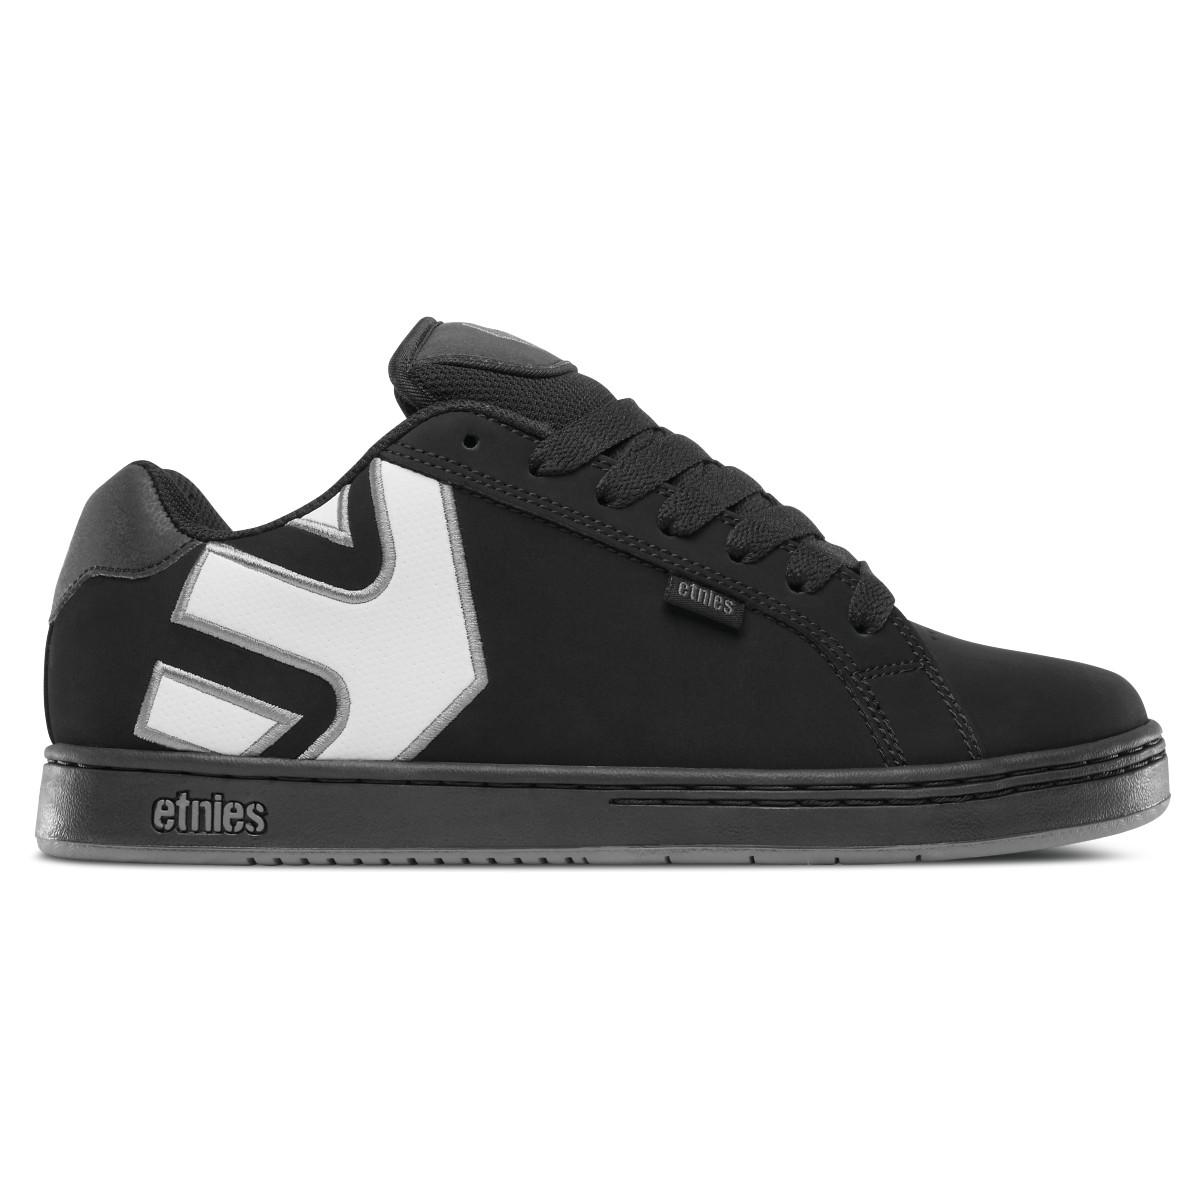 shop for shop for discount Etnies Shoes Fader Black/Black/Reflective